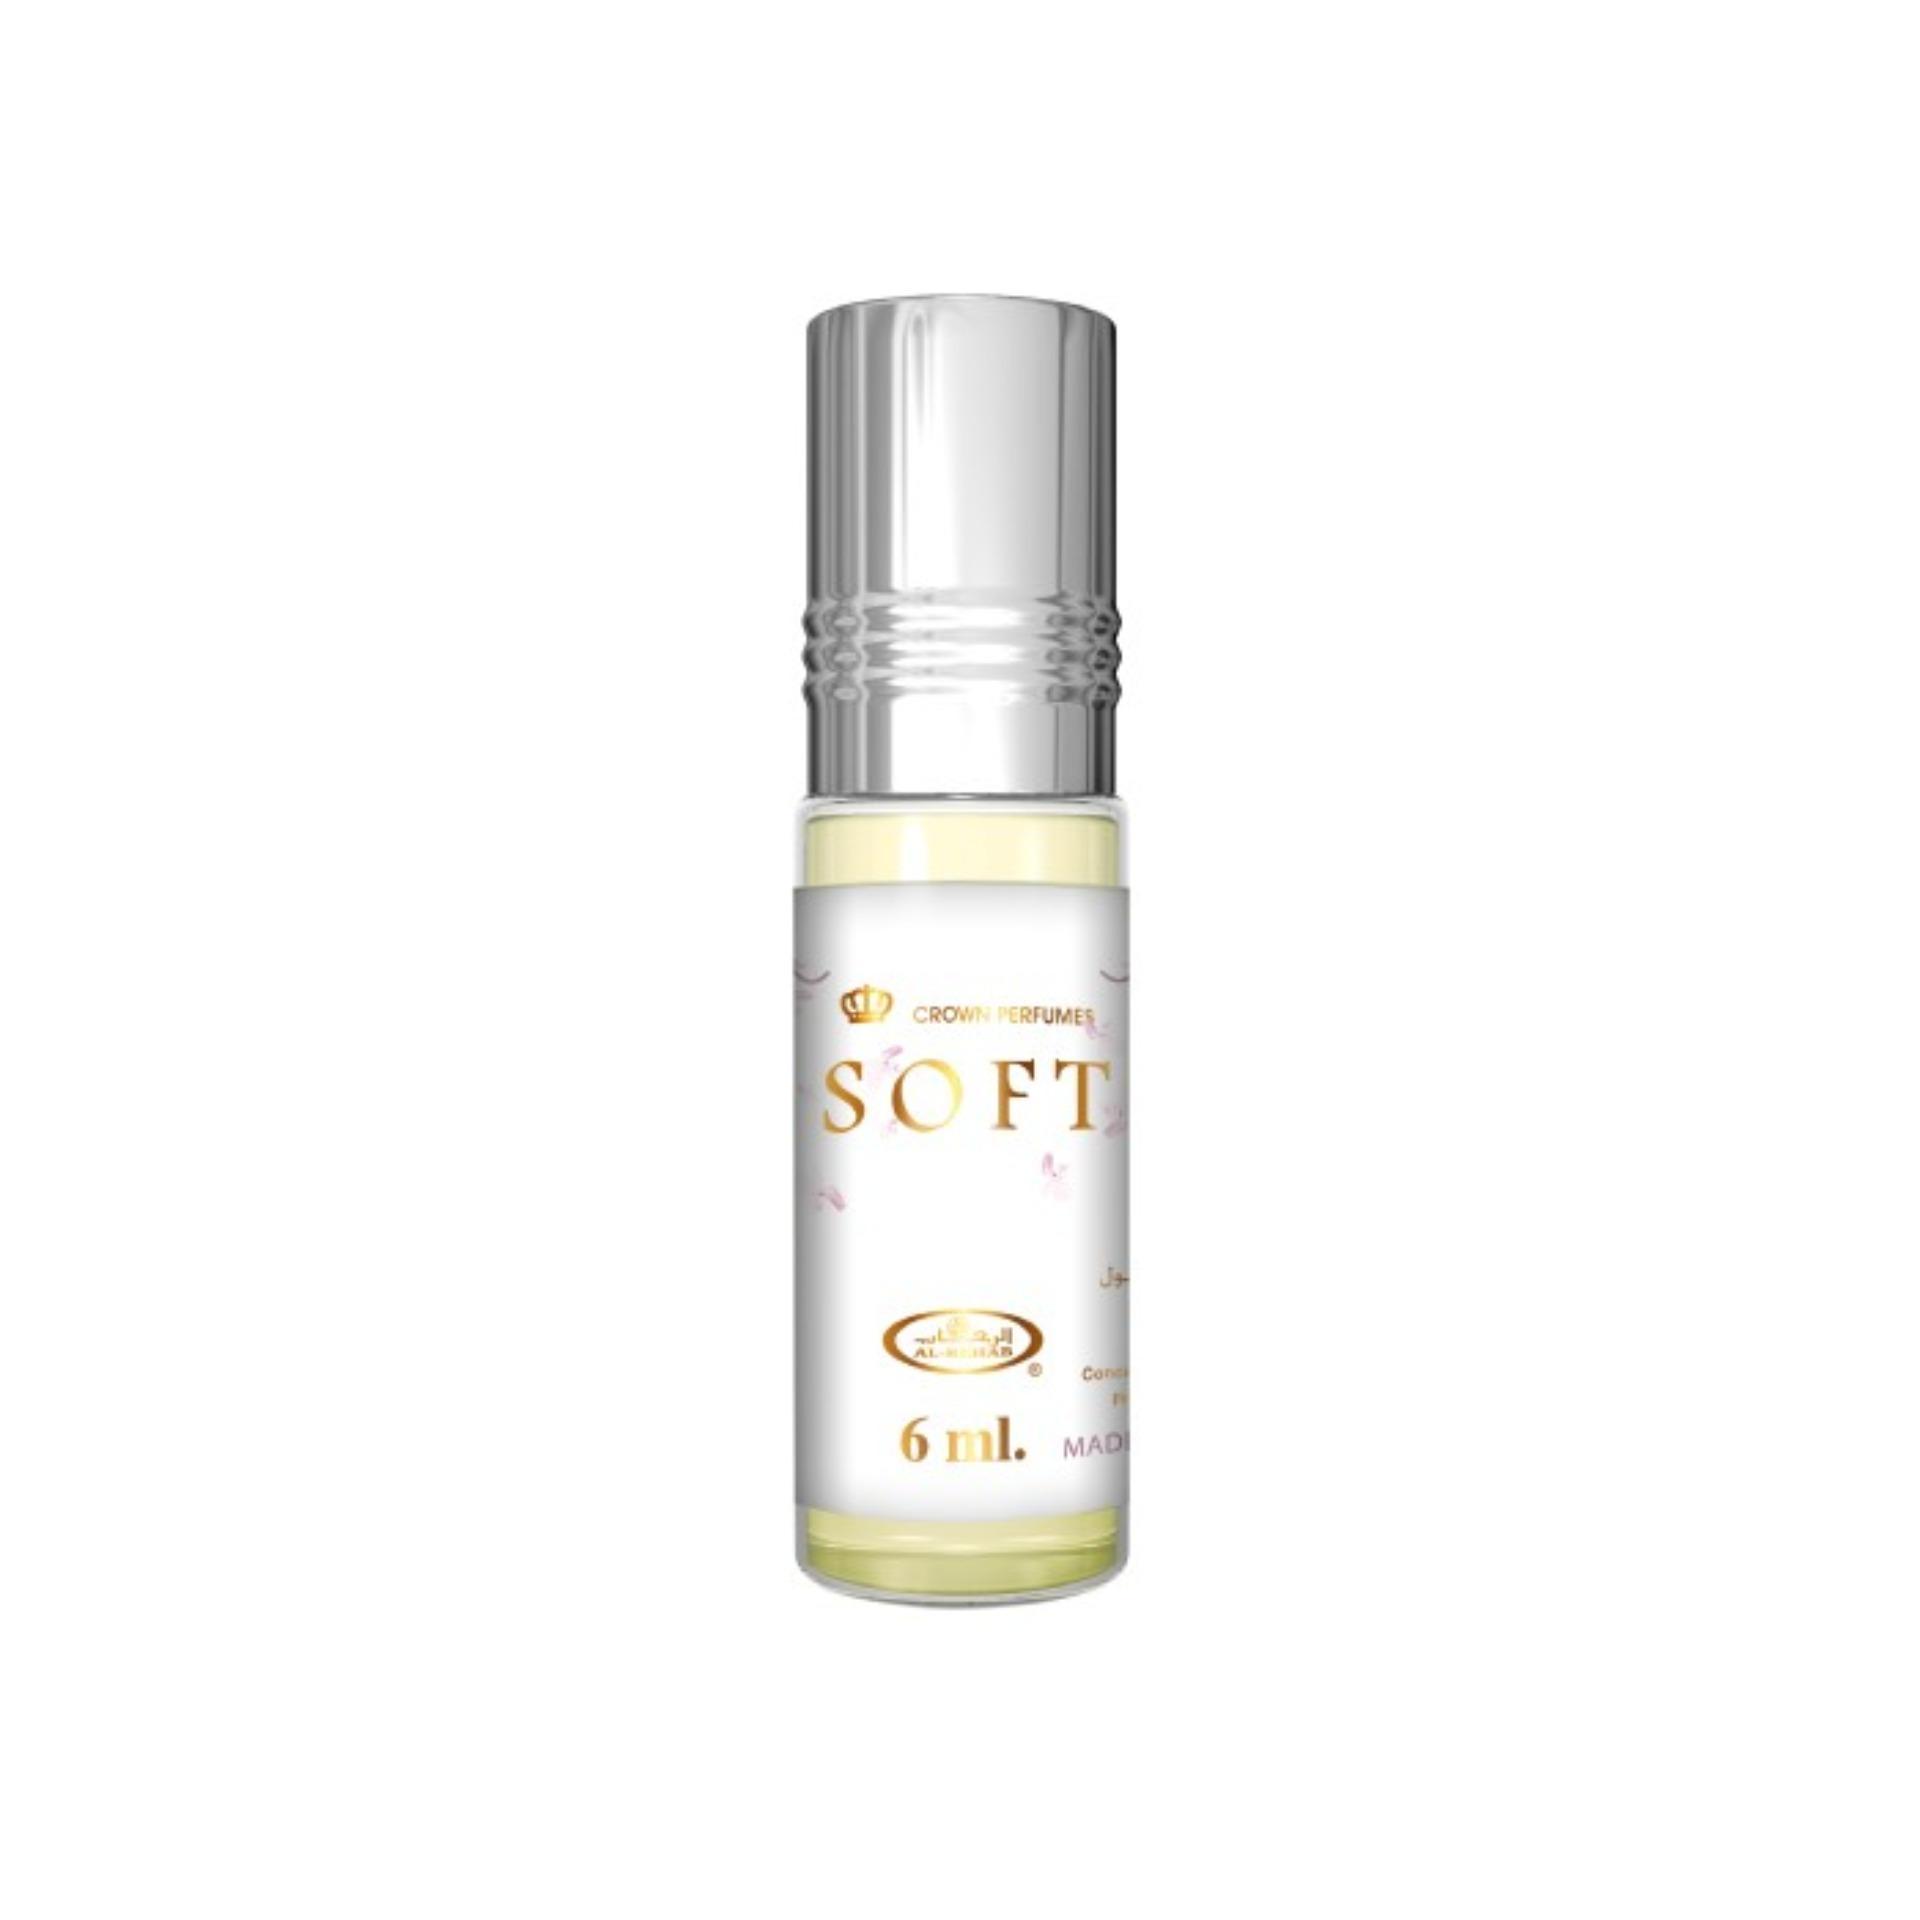 Kehebatan Valeza Soft Parfume 6 Ml Bukan Minyak Wangi Kasturi Dan Fresmul Yukay Herbal Al Rehab Perfume Non Alkohol